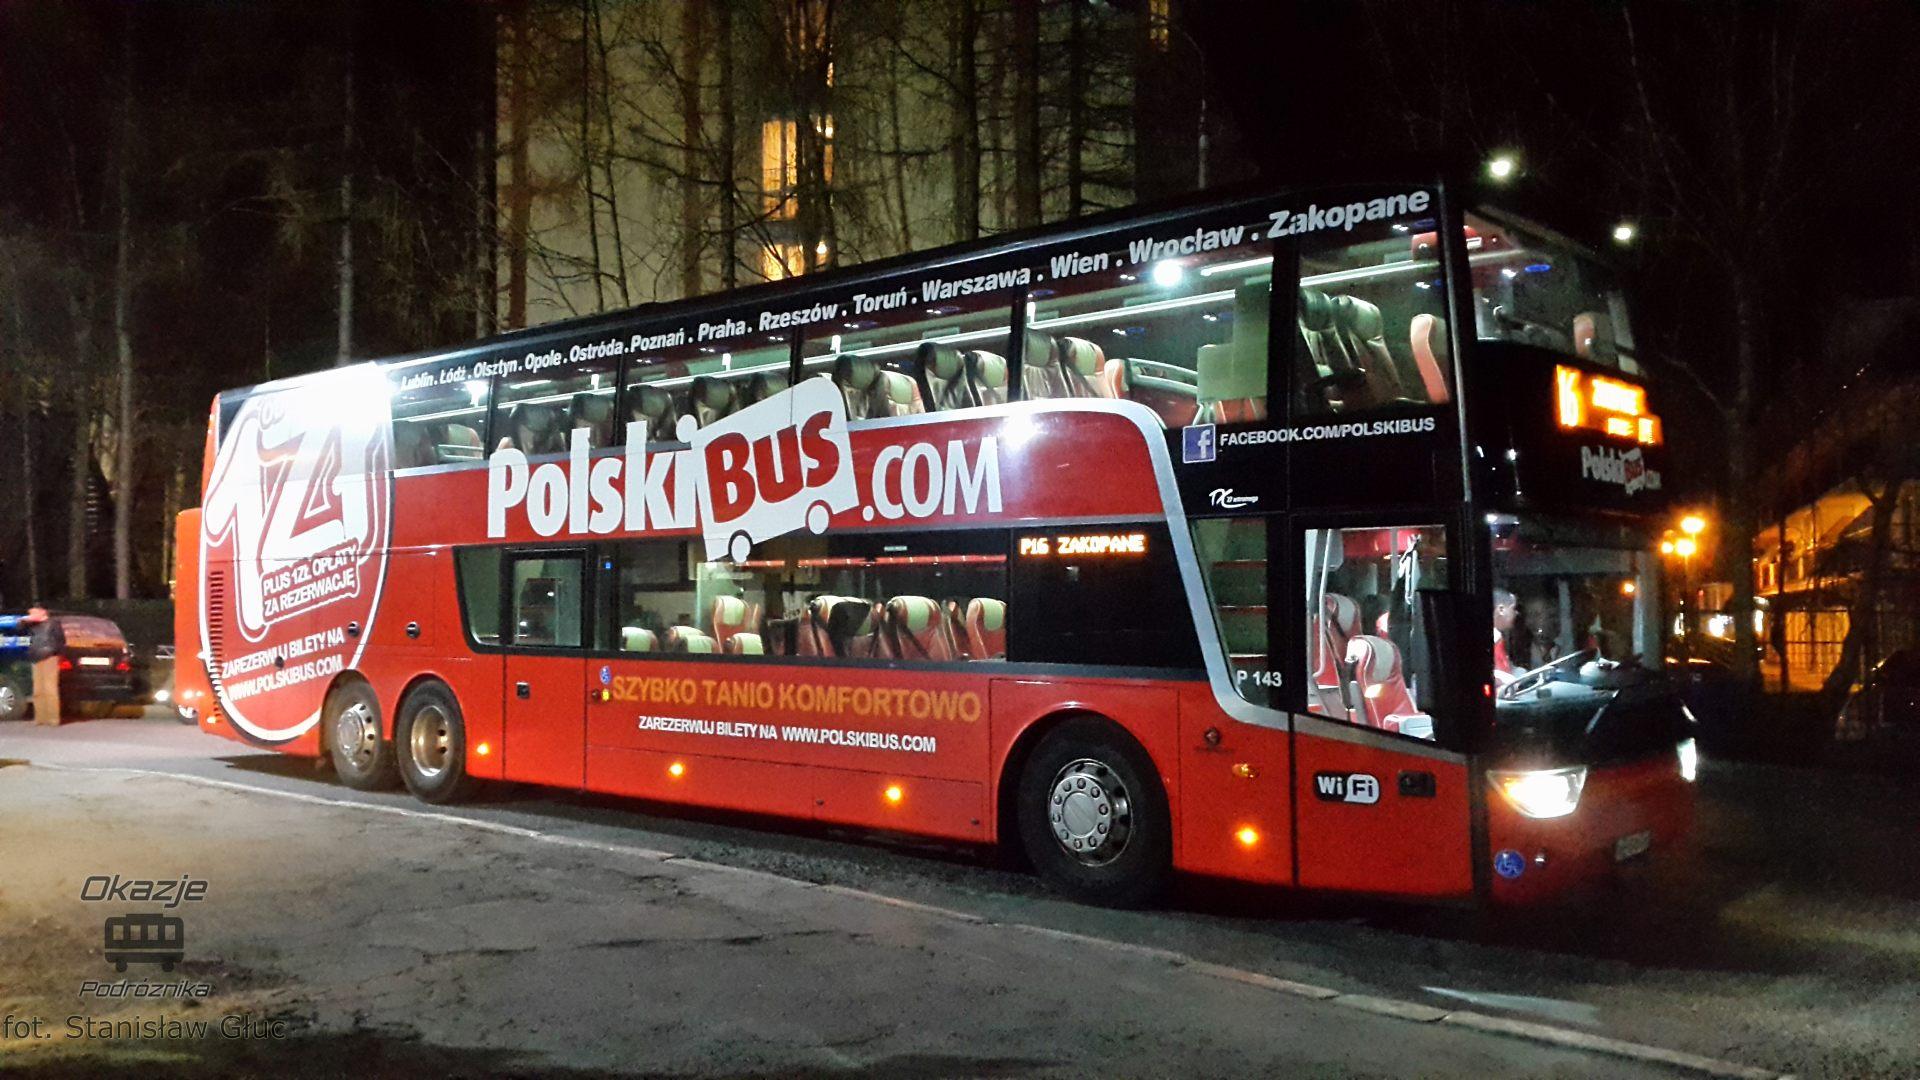 azjatyckie porno metro indo asian porno